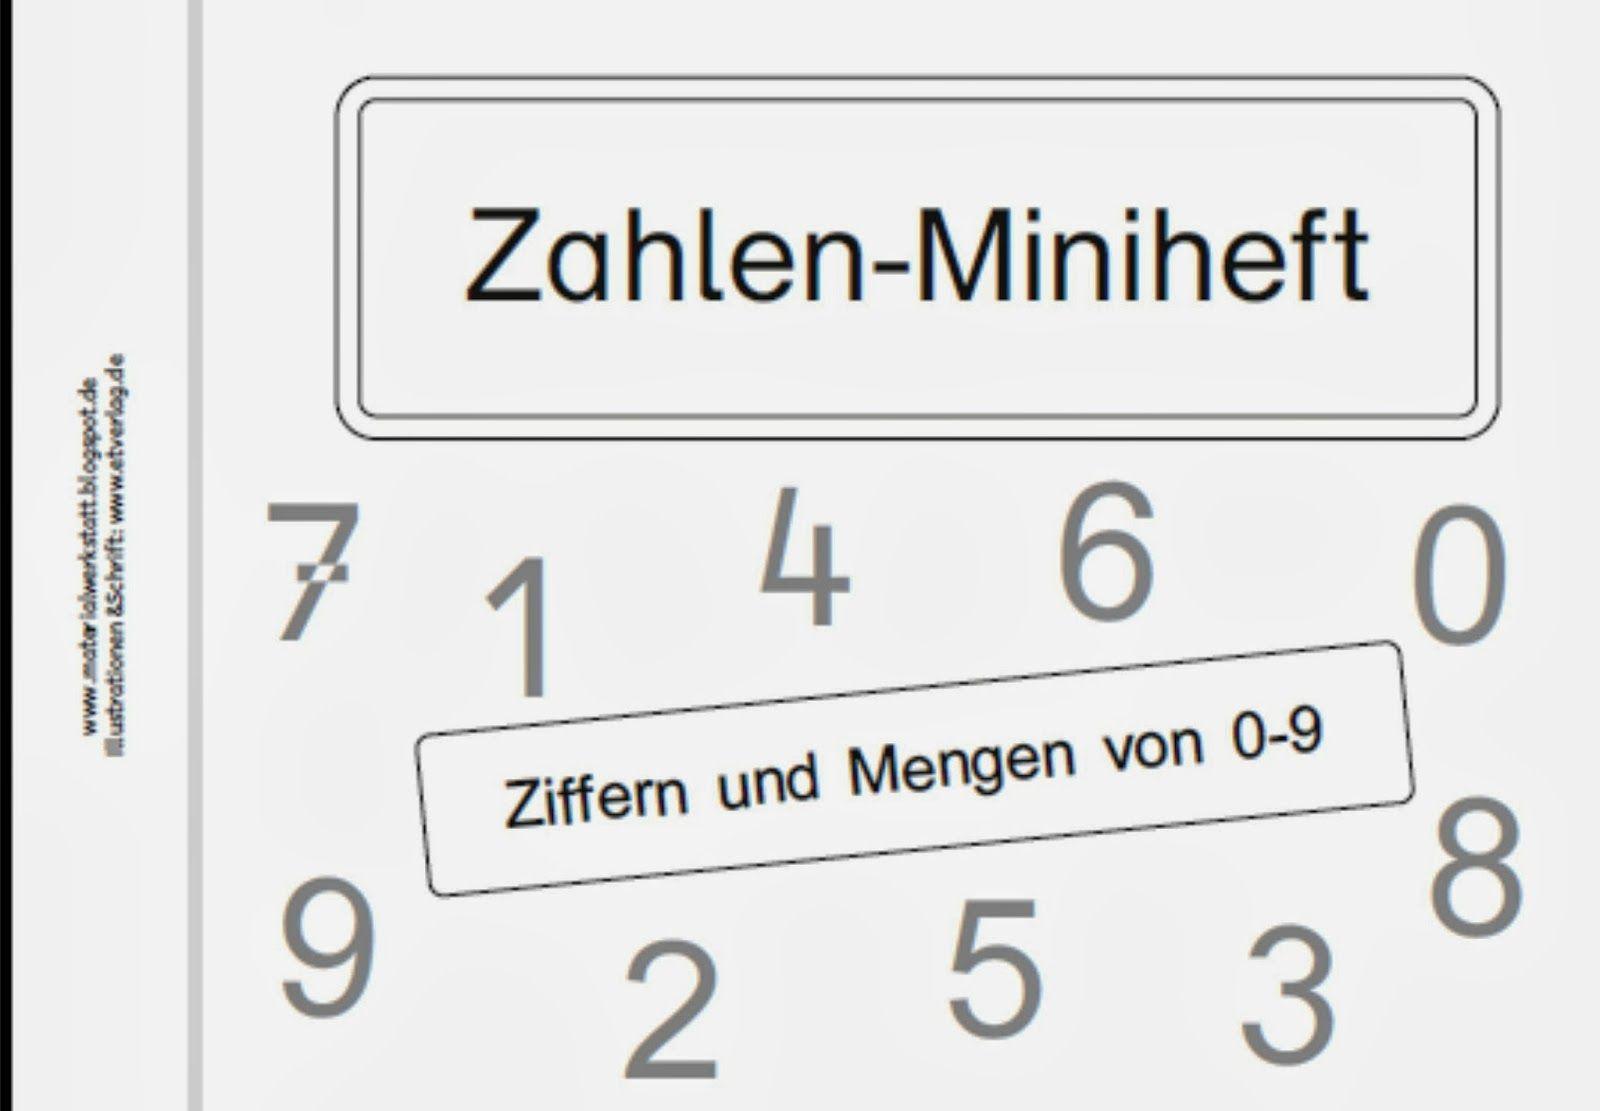 Materialwerkstatt Zahlen Miniheft Teil 2